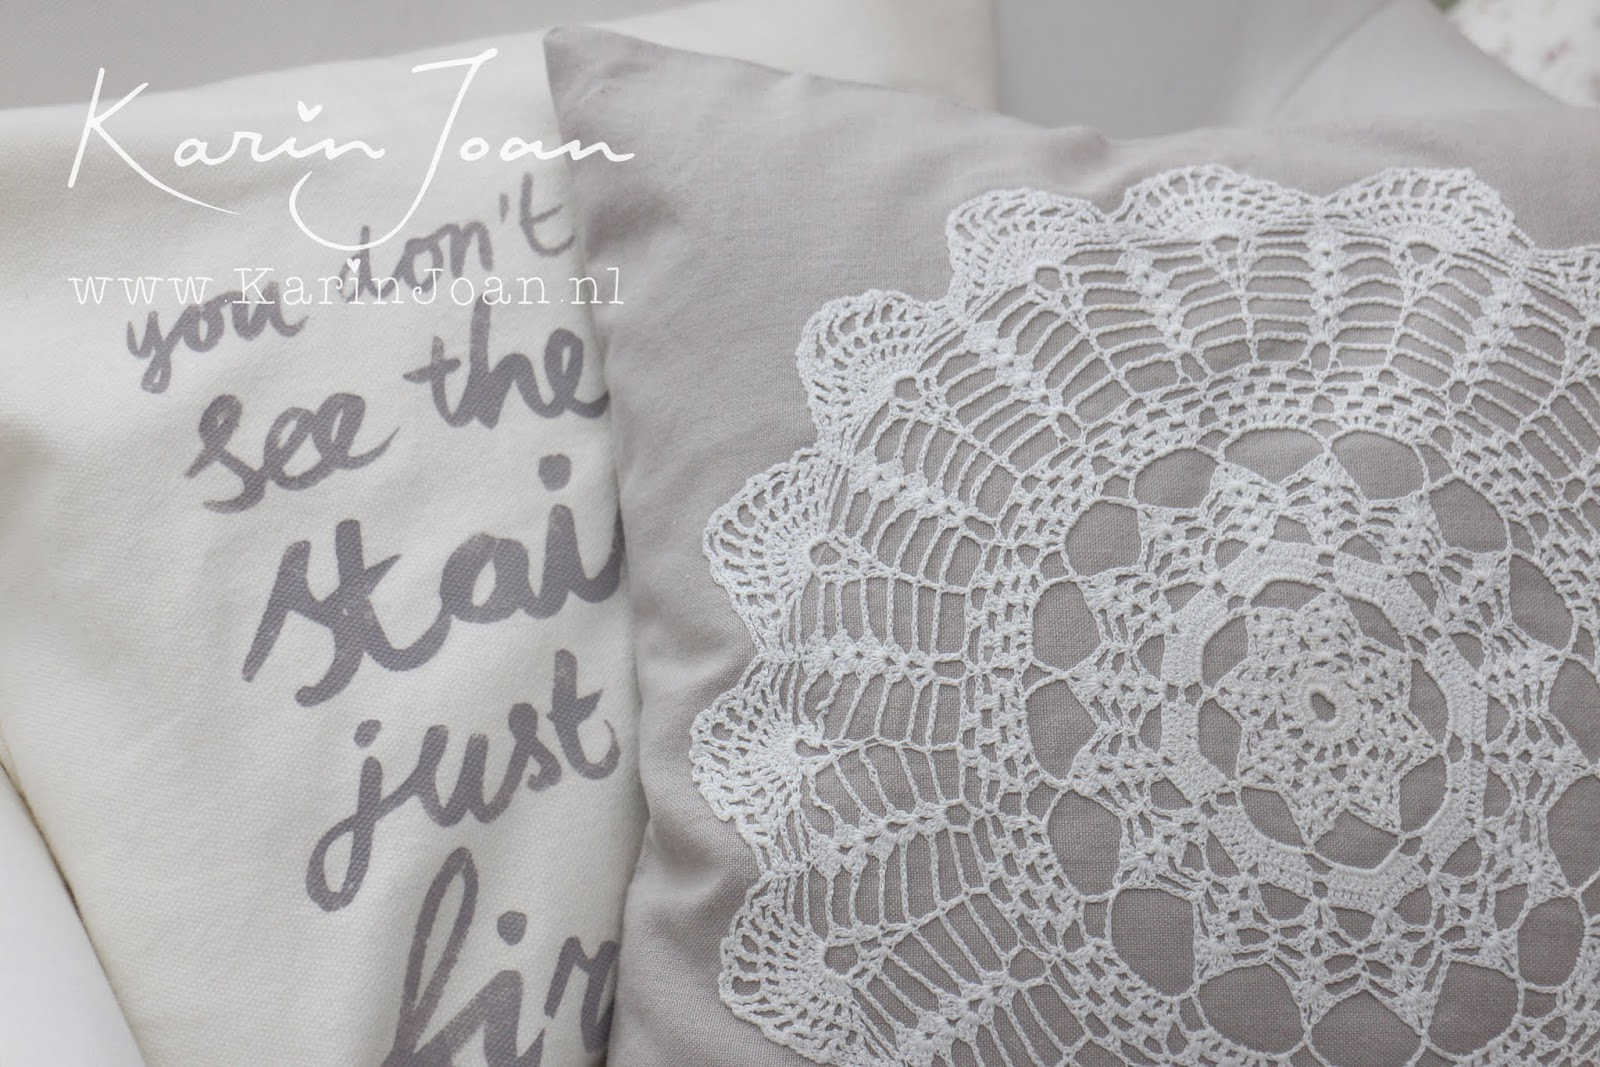 Karin joan: zelfmaken kussen met handgeschreven tekst